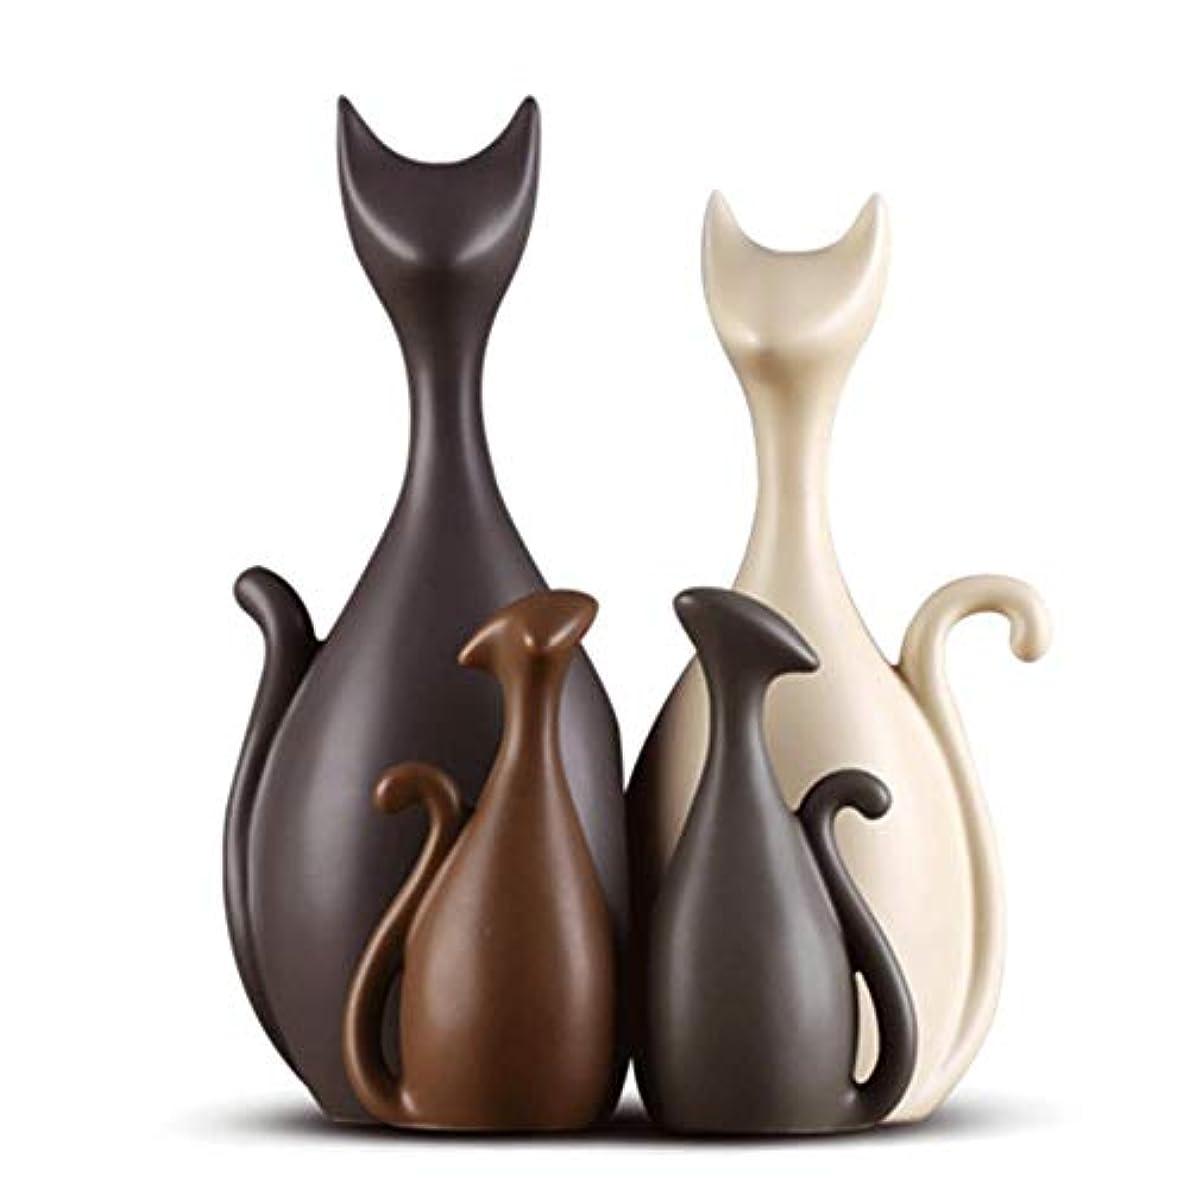 叫び声必要ないボーカルGWM かわいい猫家族のセラミック装飾品、装飾品磁器、アートワーククリエイティブカップルギフト、モダンなスタイルとクリエイティブ装飾的な要素